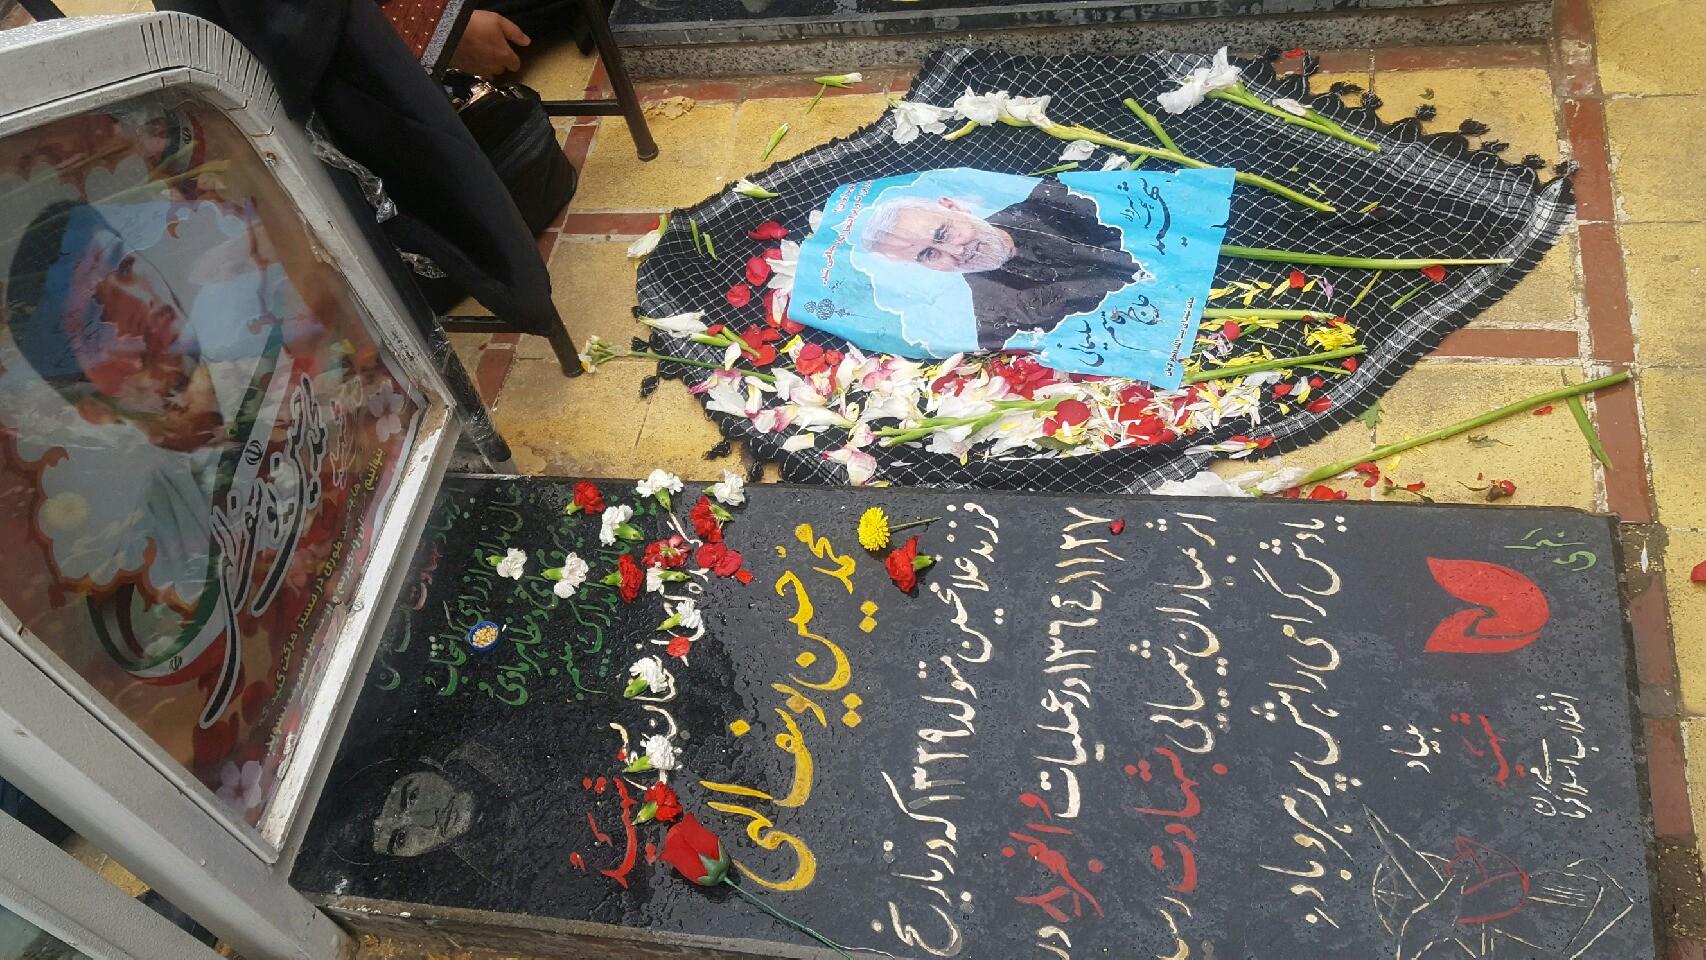 توصیه حاج قاسم برای محل دفنش چه بود/ حسین پسرغلامحسین را بشناسیم